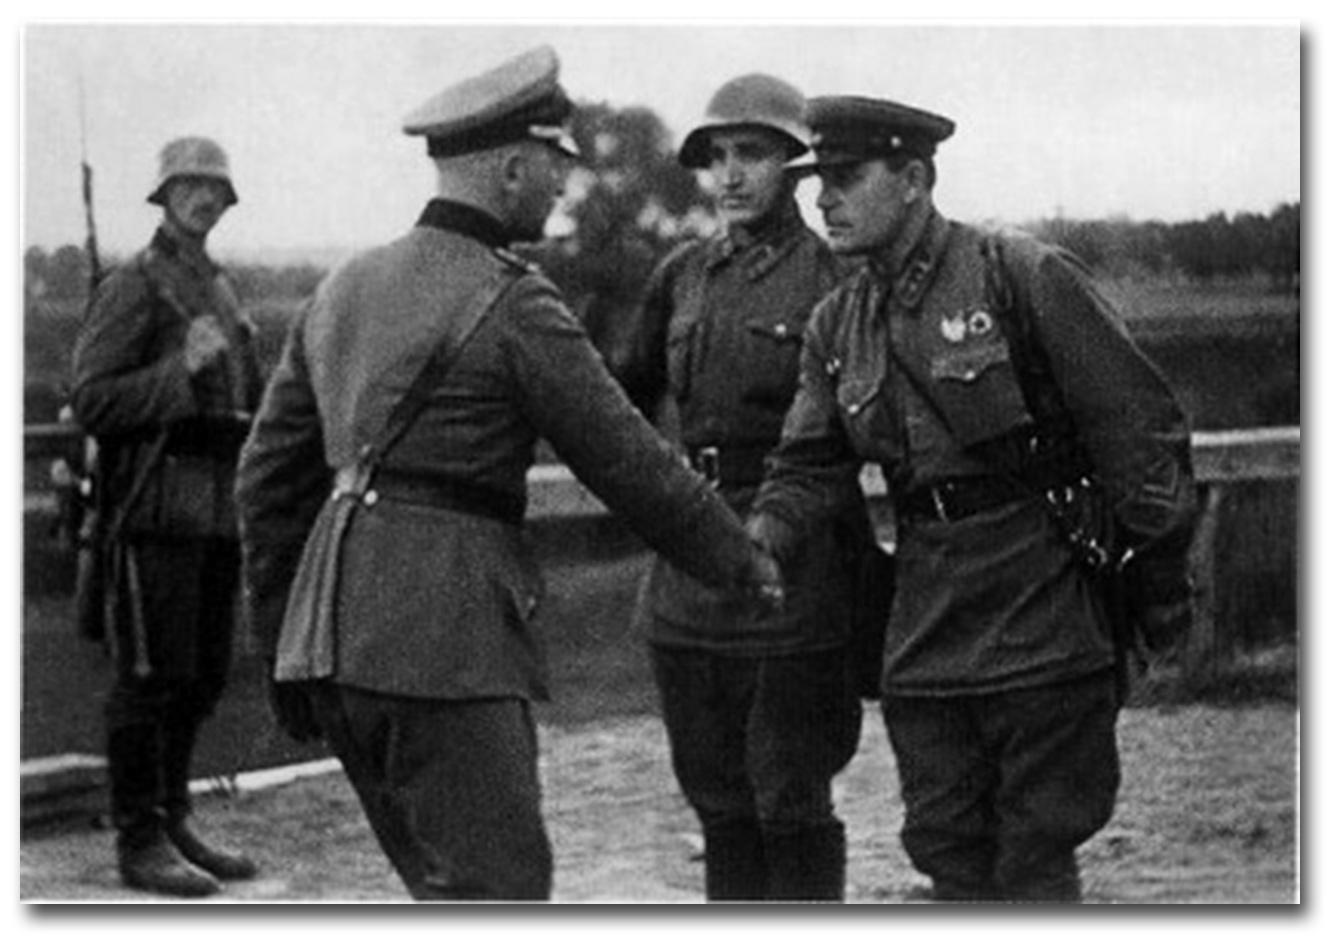 Zdjęcie pobrano z http://bezwodkinierazbieriosz.salon24.pl/343114,toast-stalina